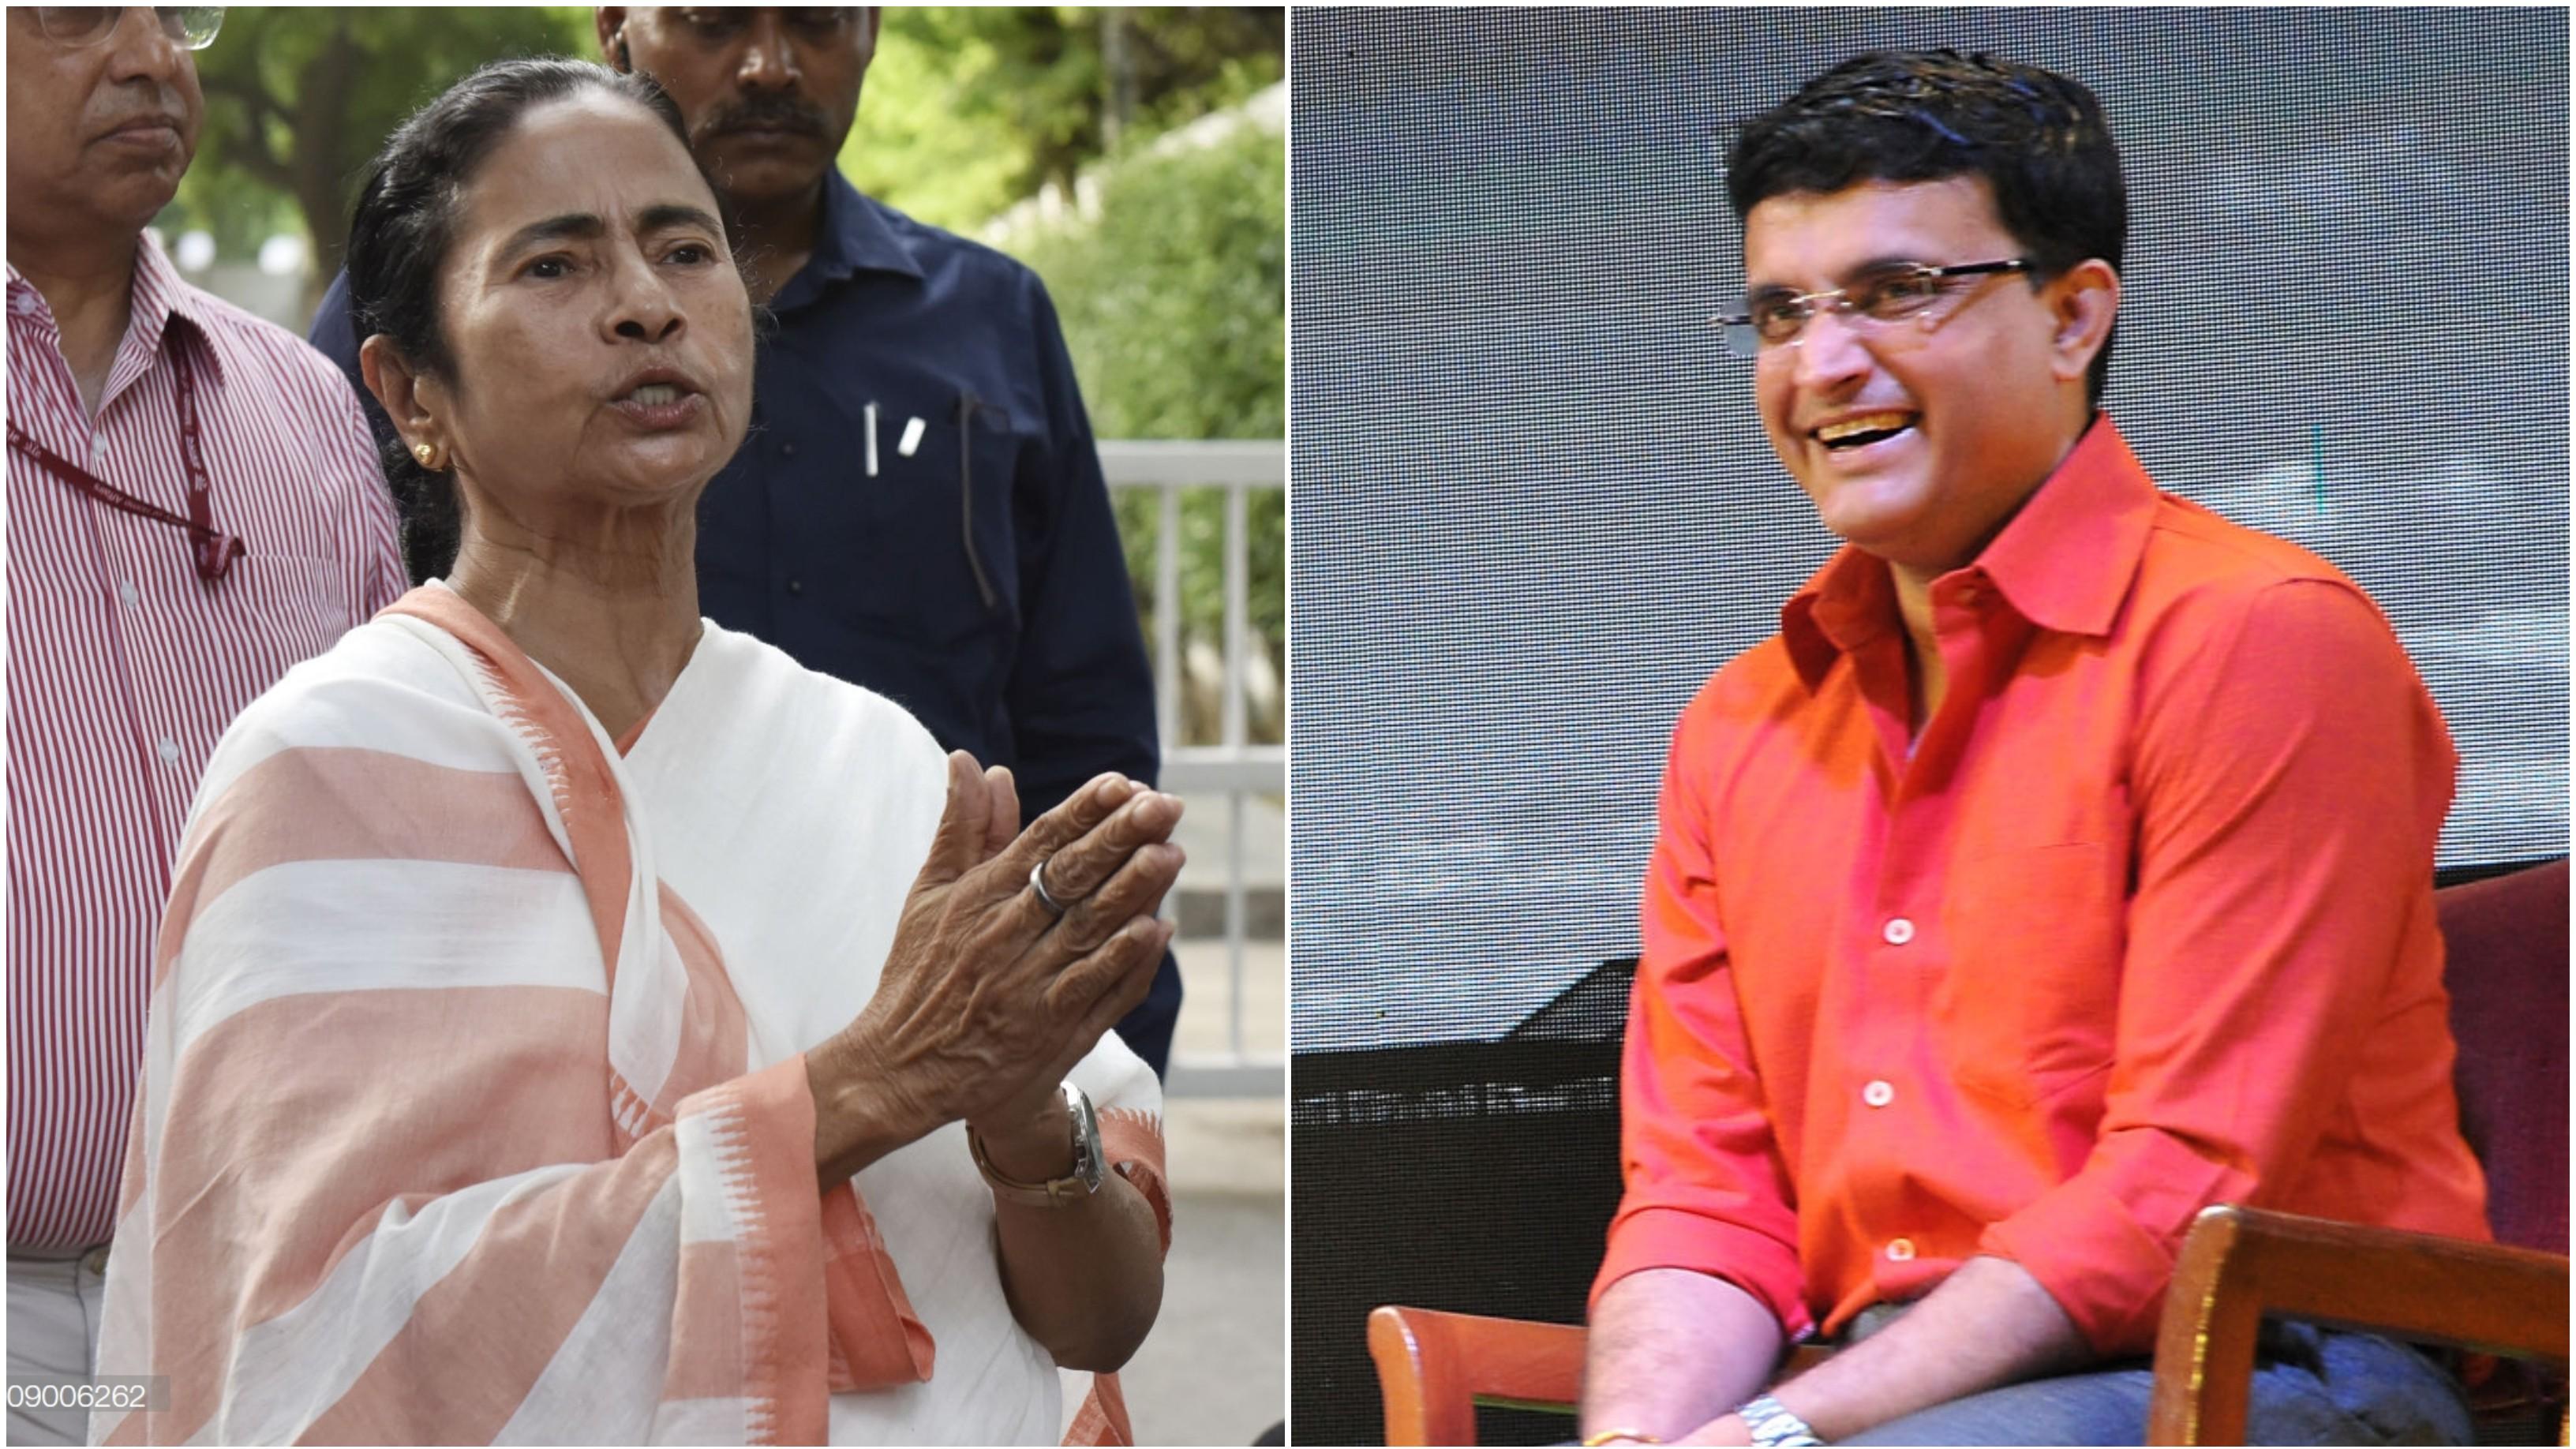 बीसीसीआई का अध्यक्ष बनने के लिए पश्चिम बंगाल की मुख्यमंत्री ममता बनर्जी ने दी सौरव गांगुली को बधाई